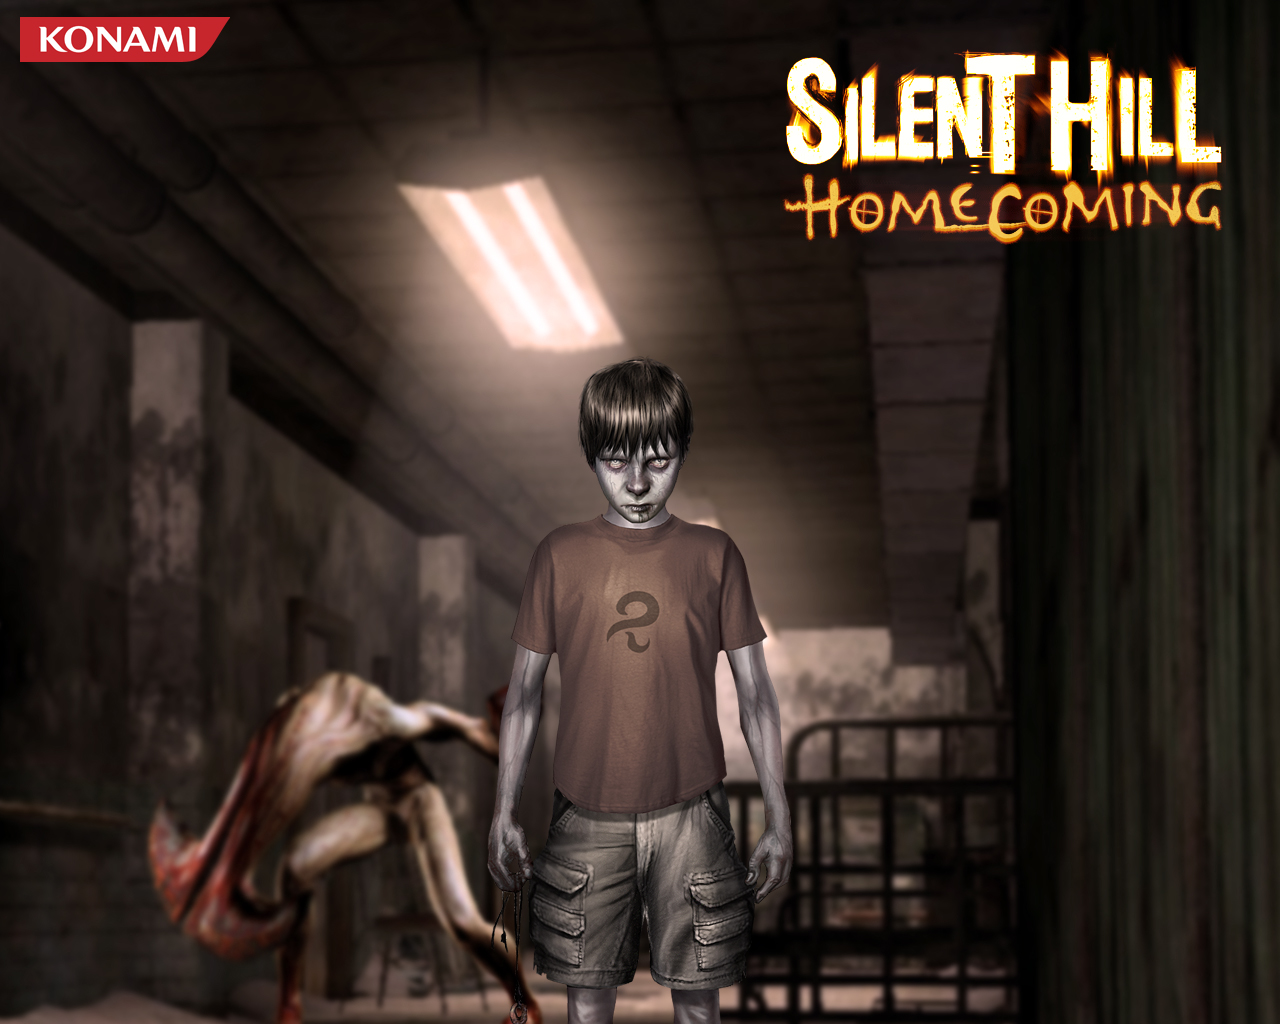 Tópico de Apresentações - Página 2 Silenthill_homecoming_6